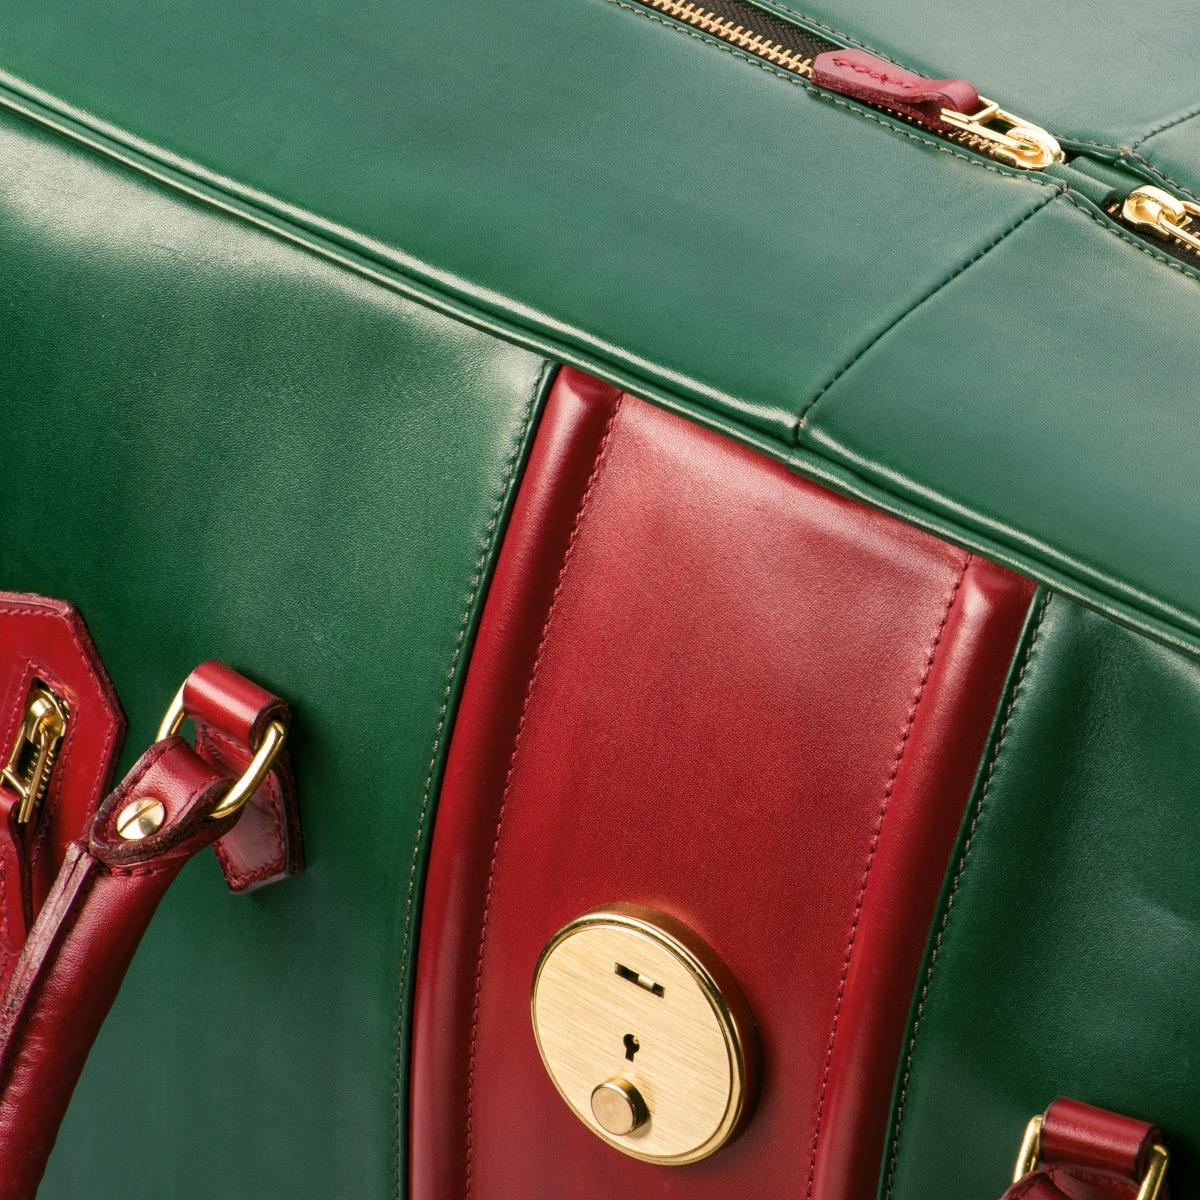 чемодан для путешествий holiday красная смородина & зеленый травяной